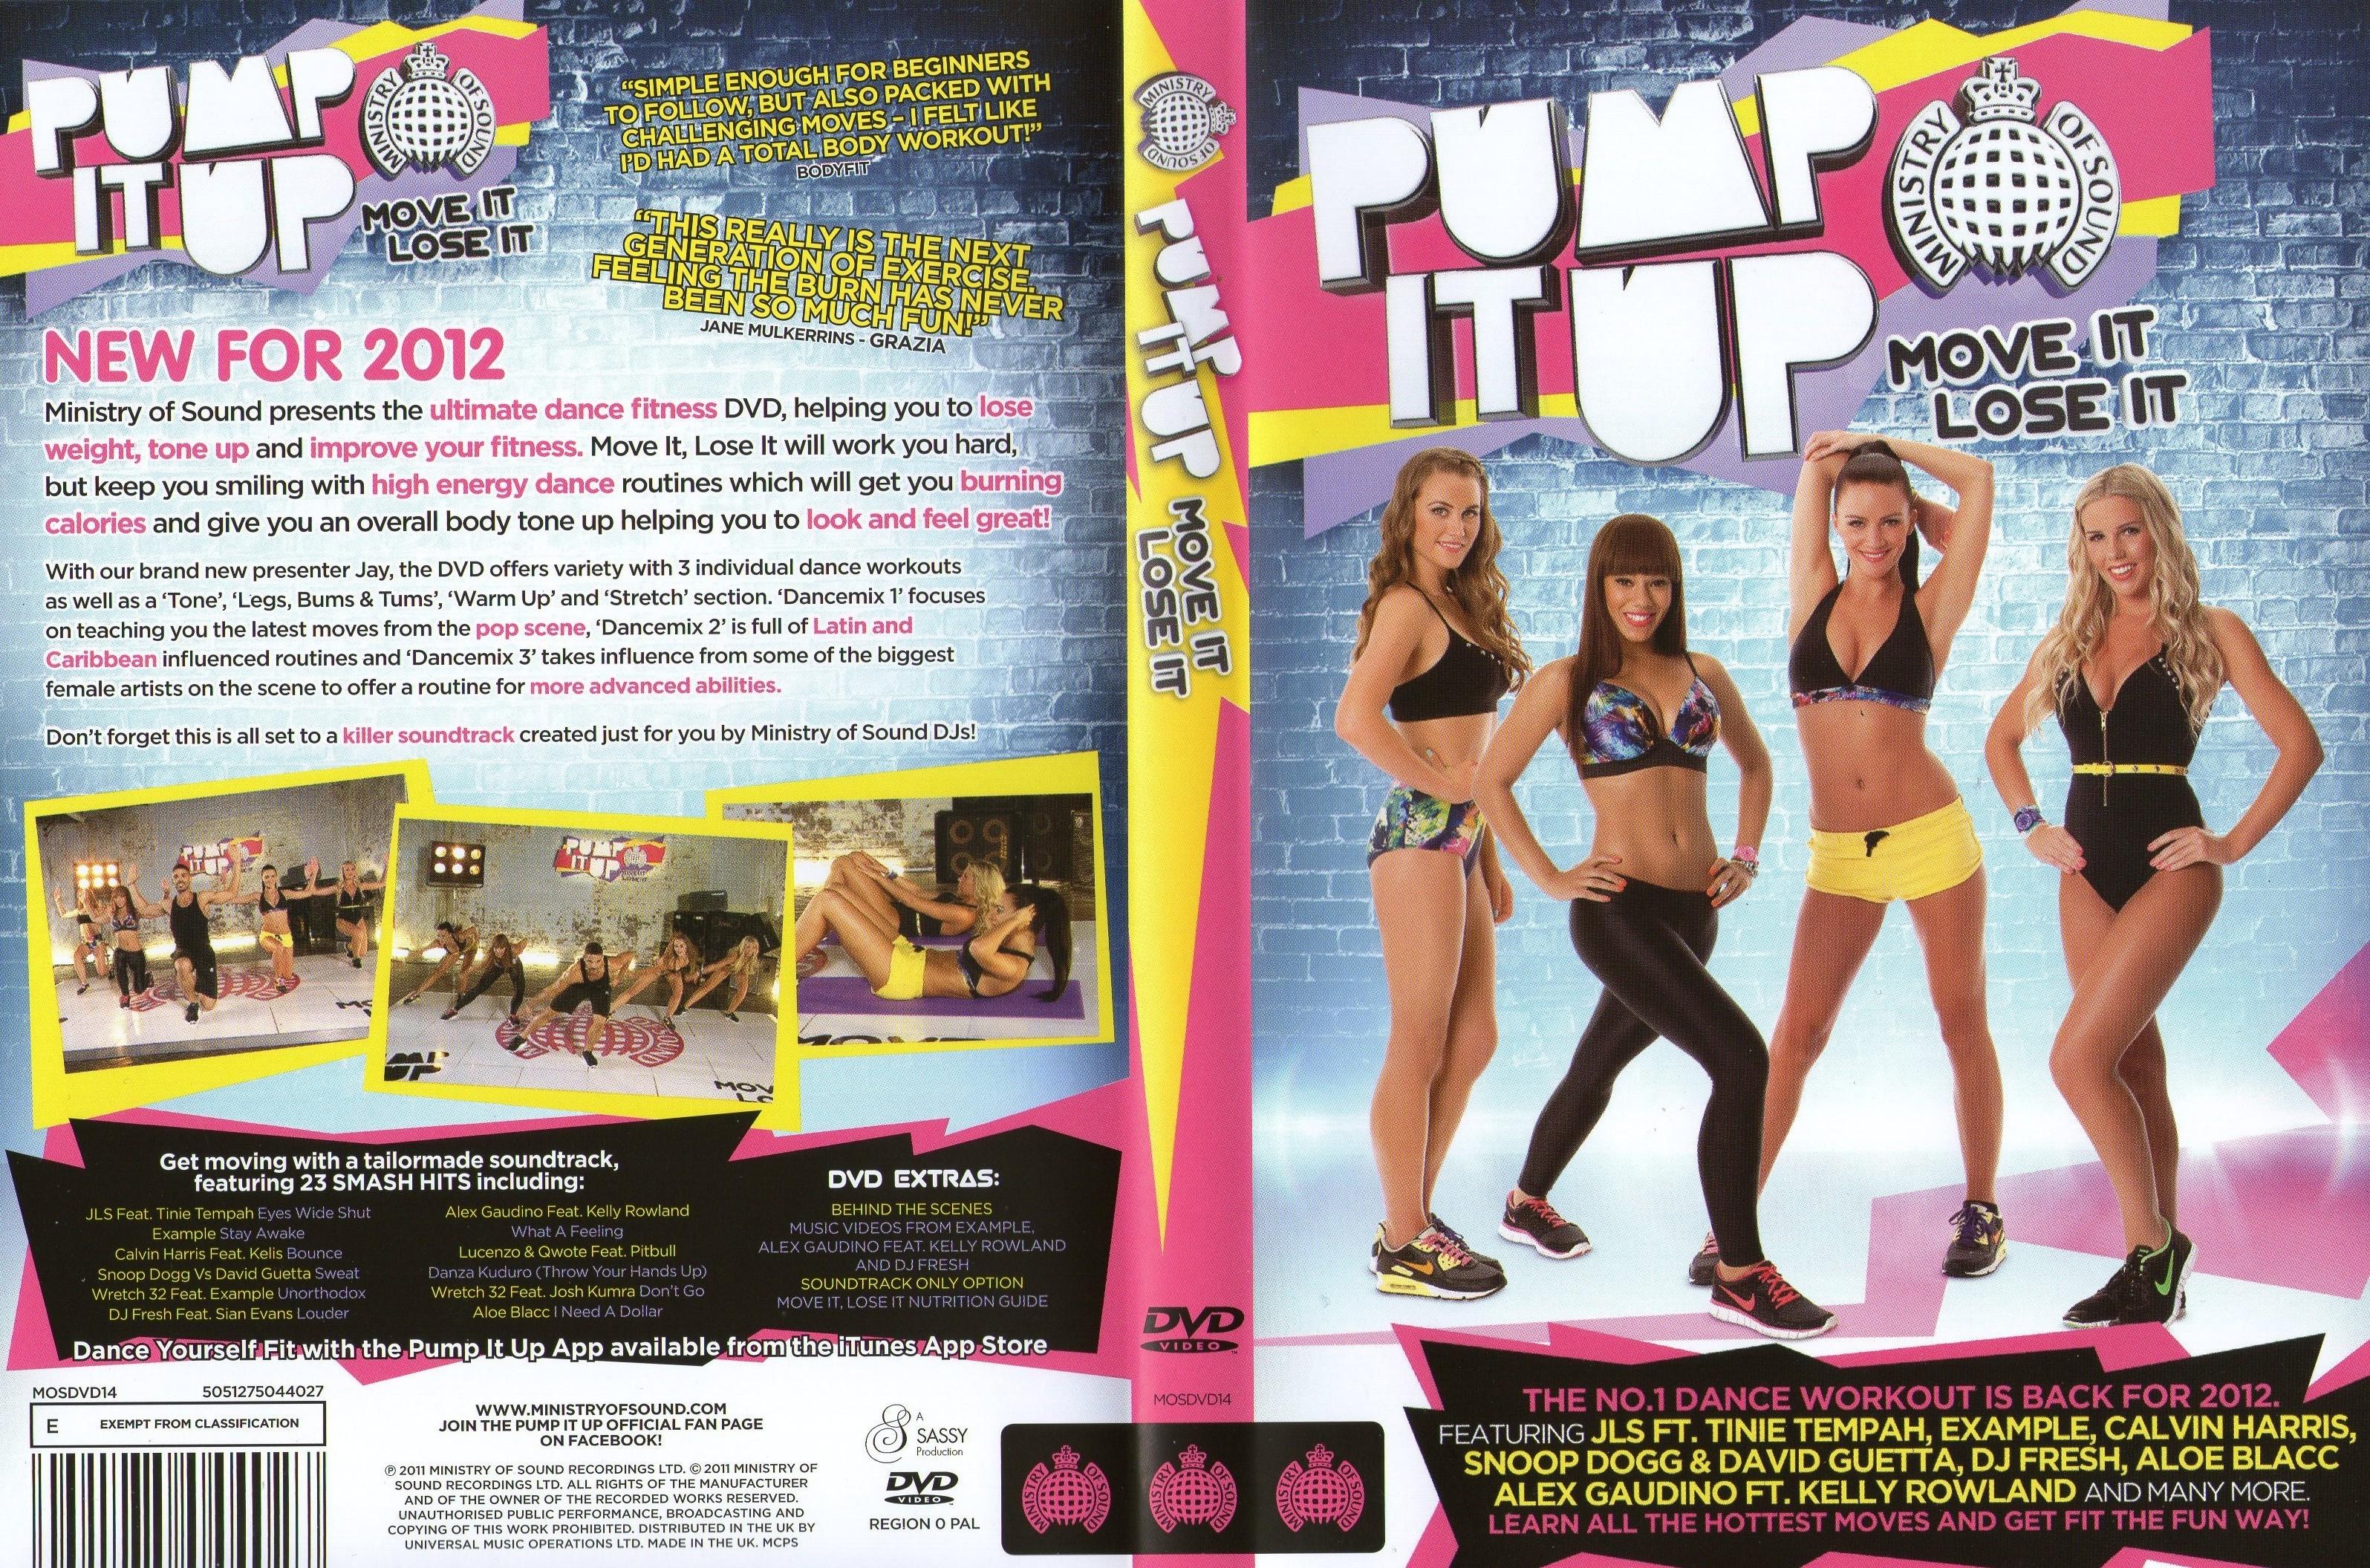 ดีวีดีเต้นแอโรบิคออกกำลังกาย Pump It Up Move It, Lose It  ใหม่ล่าสุดกับซีรีย์ Dance ไปกับ Pump It Up ปี 2012